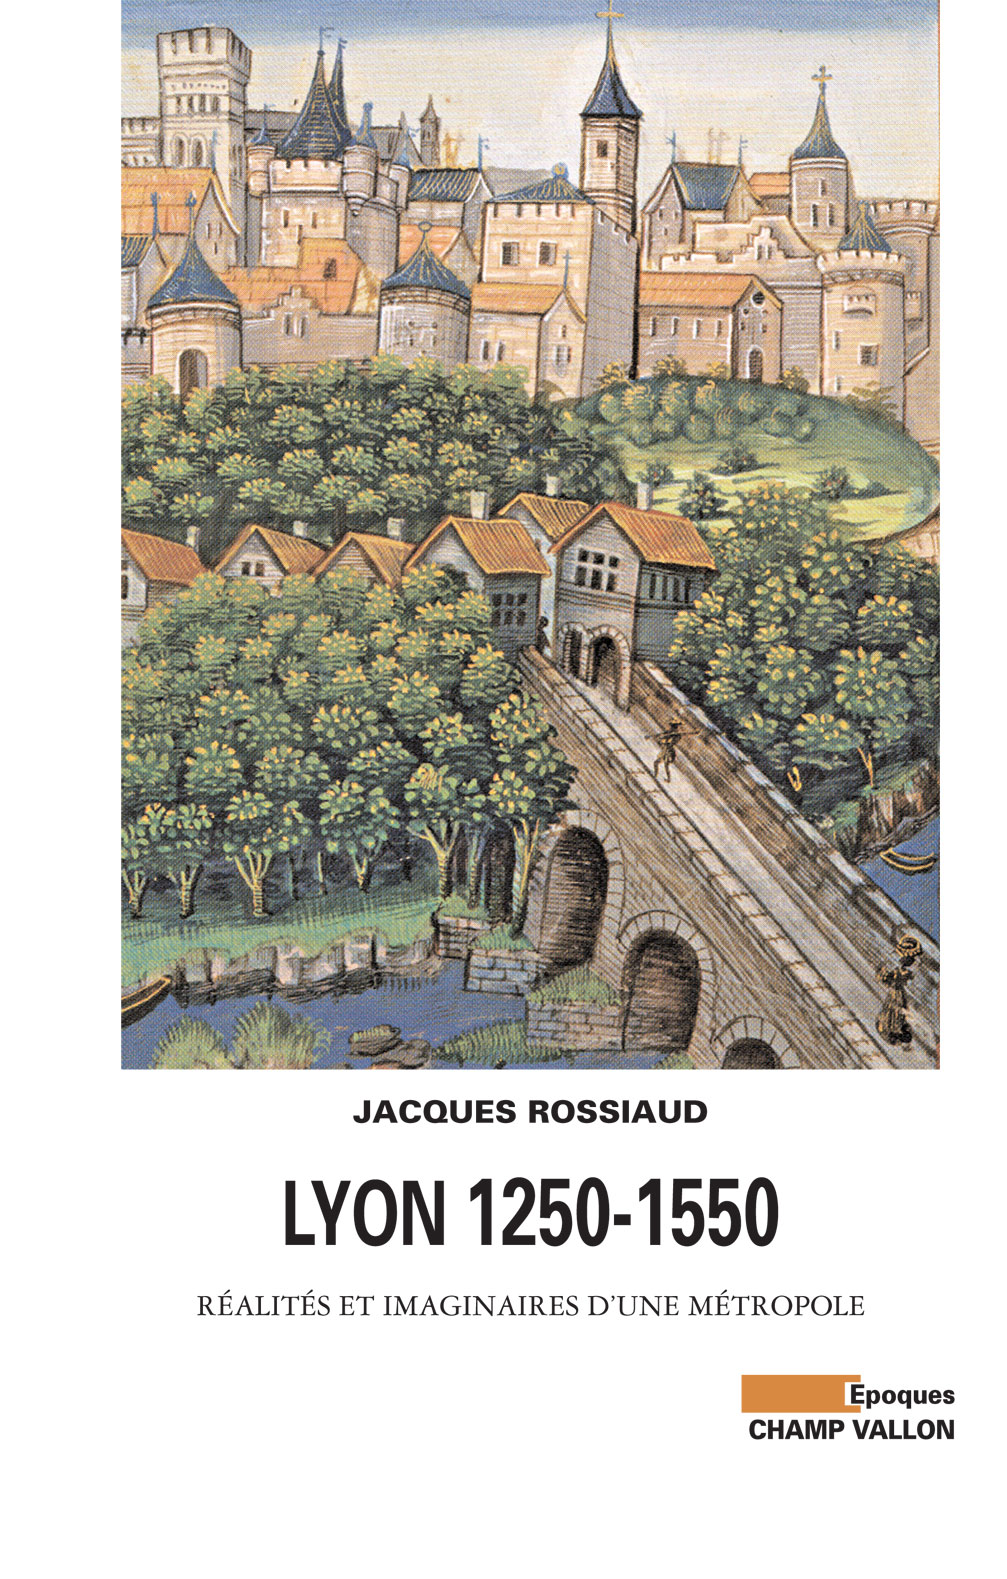 Lyon 1250-1550